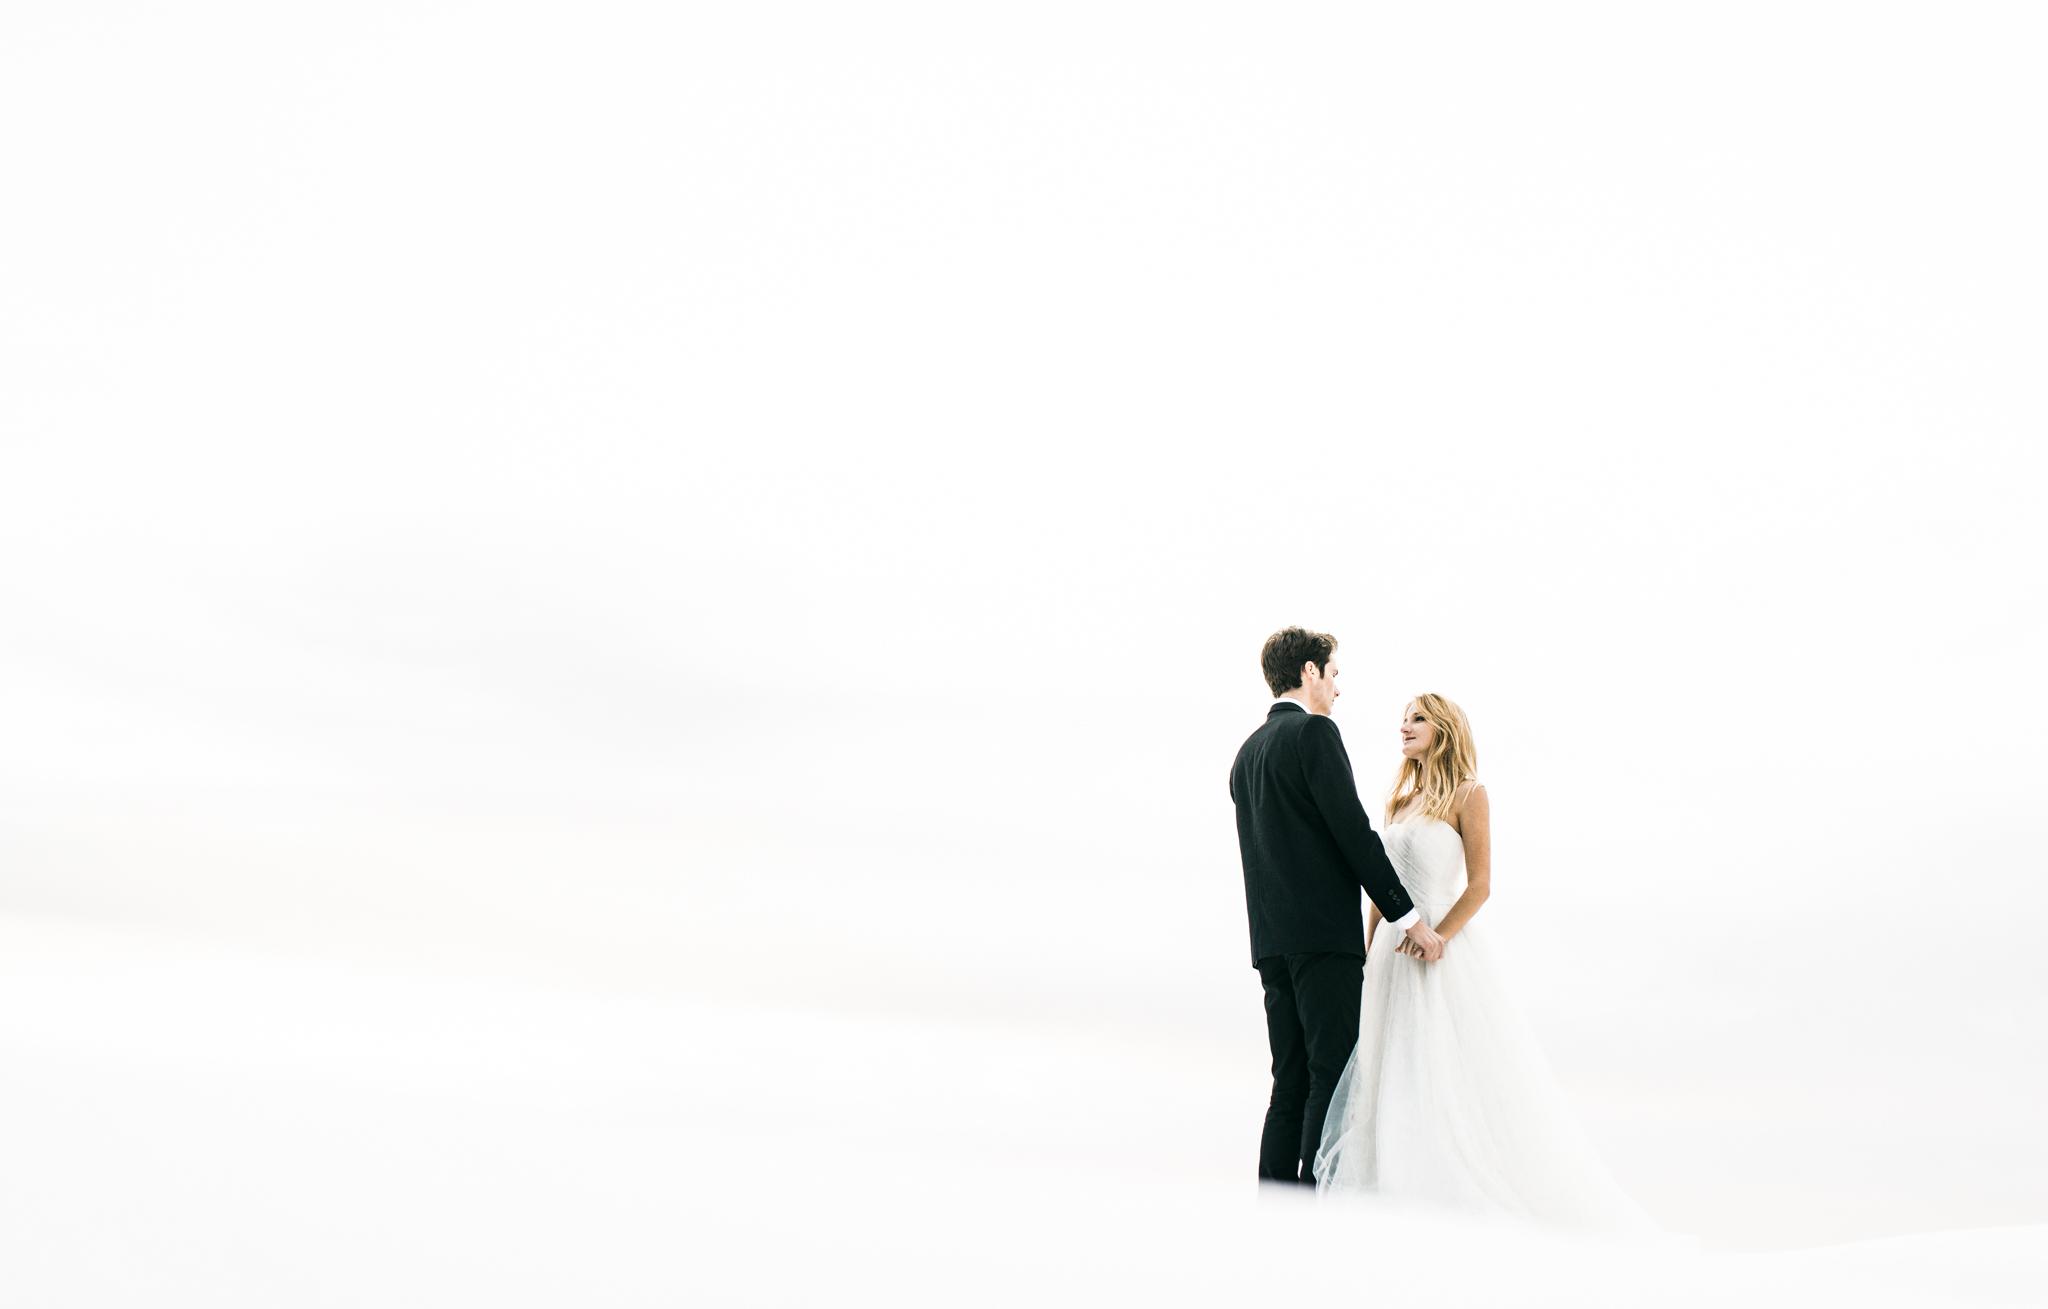 ©Isaiah & Taylor Photography - Ben & Kadin Honeymoon-065.jpg